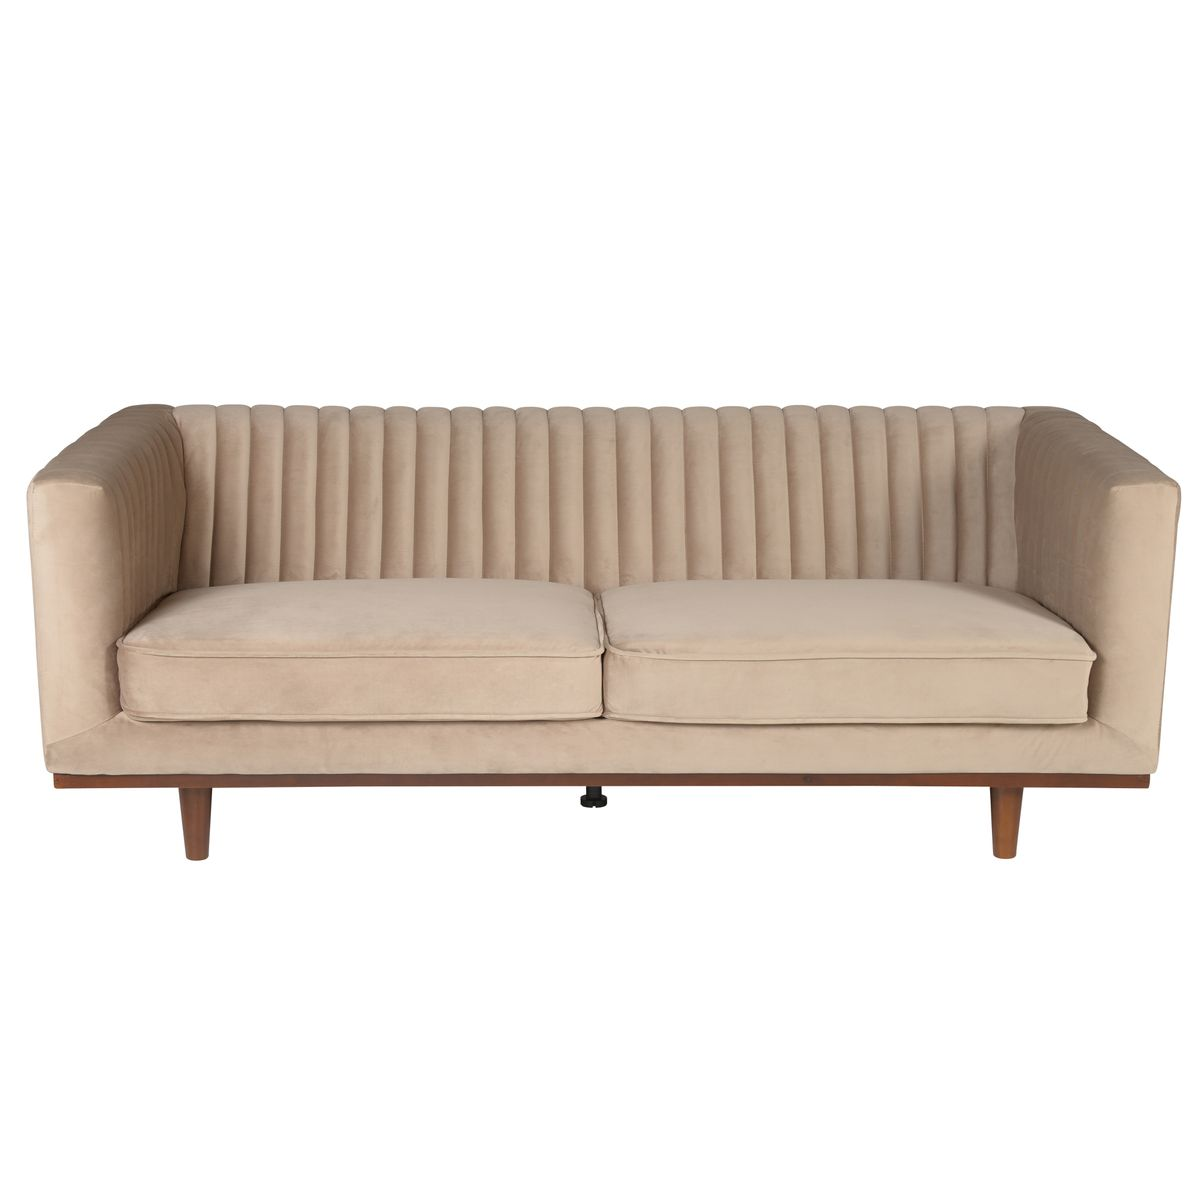 Canapé droit 3 places Beige Velours Contemporain Confort